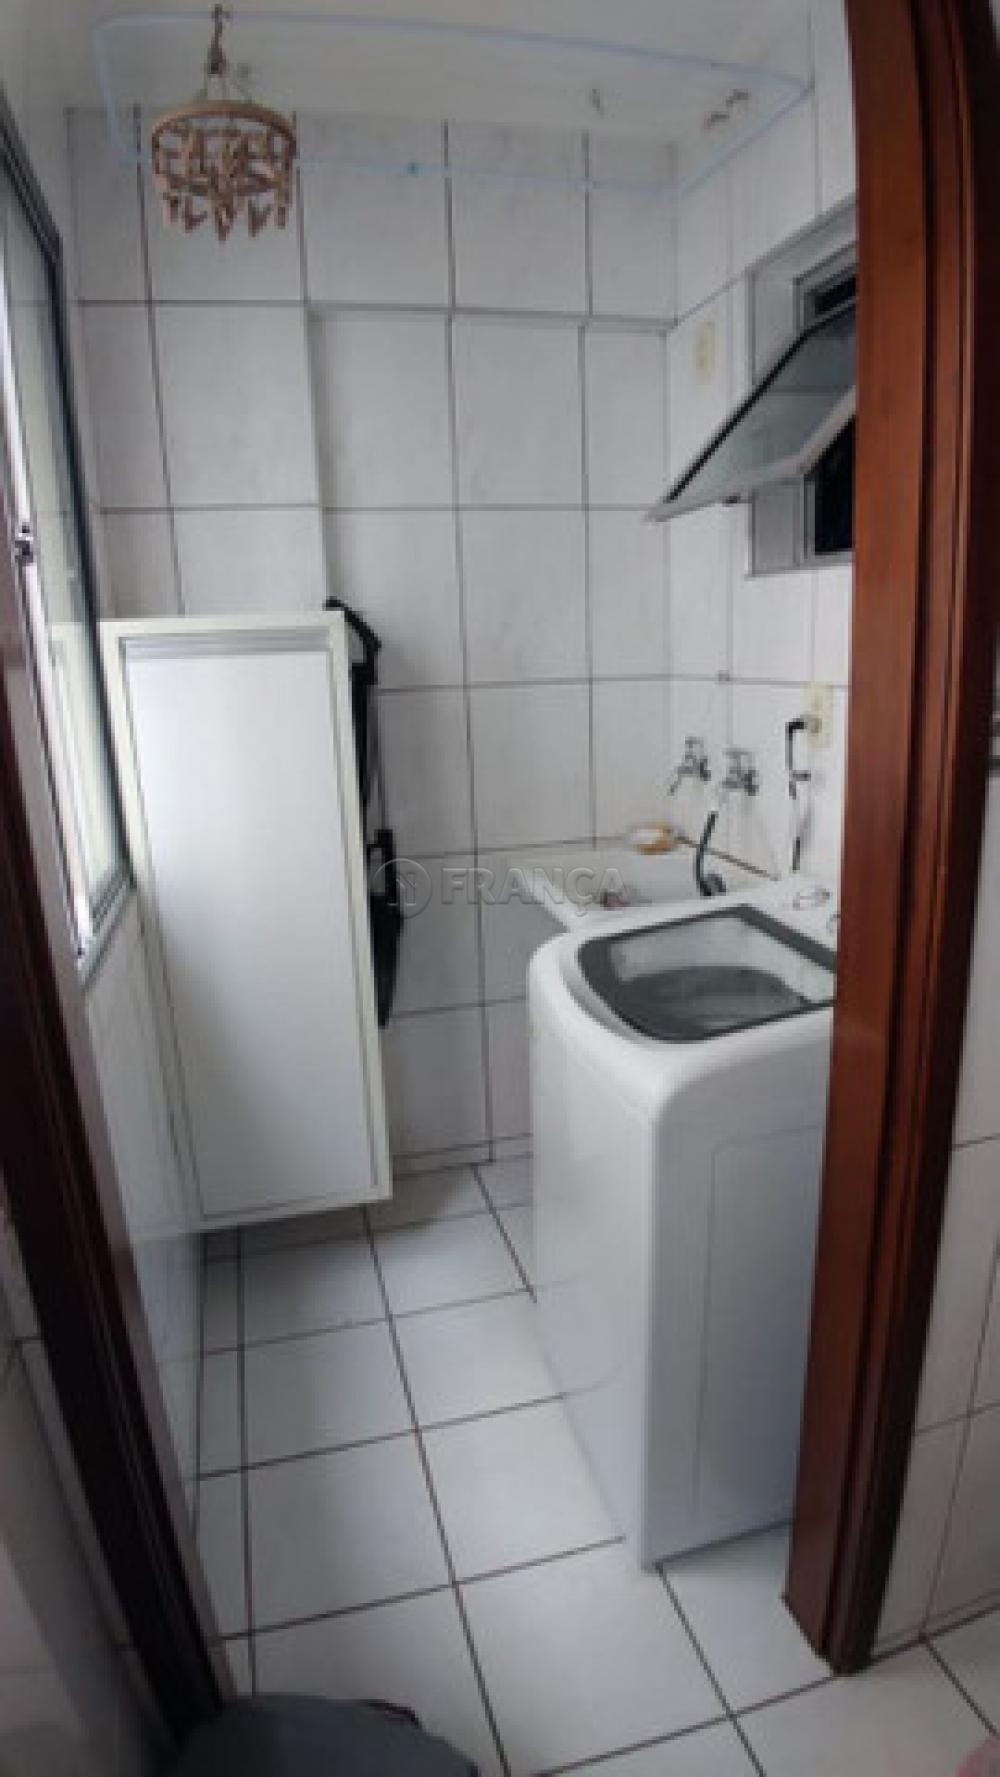 Comprar Apartamento / Padrão em São José dos Campos apenas R$ 287.000,00 - Foto 13